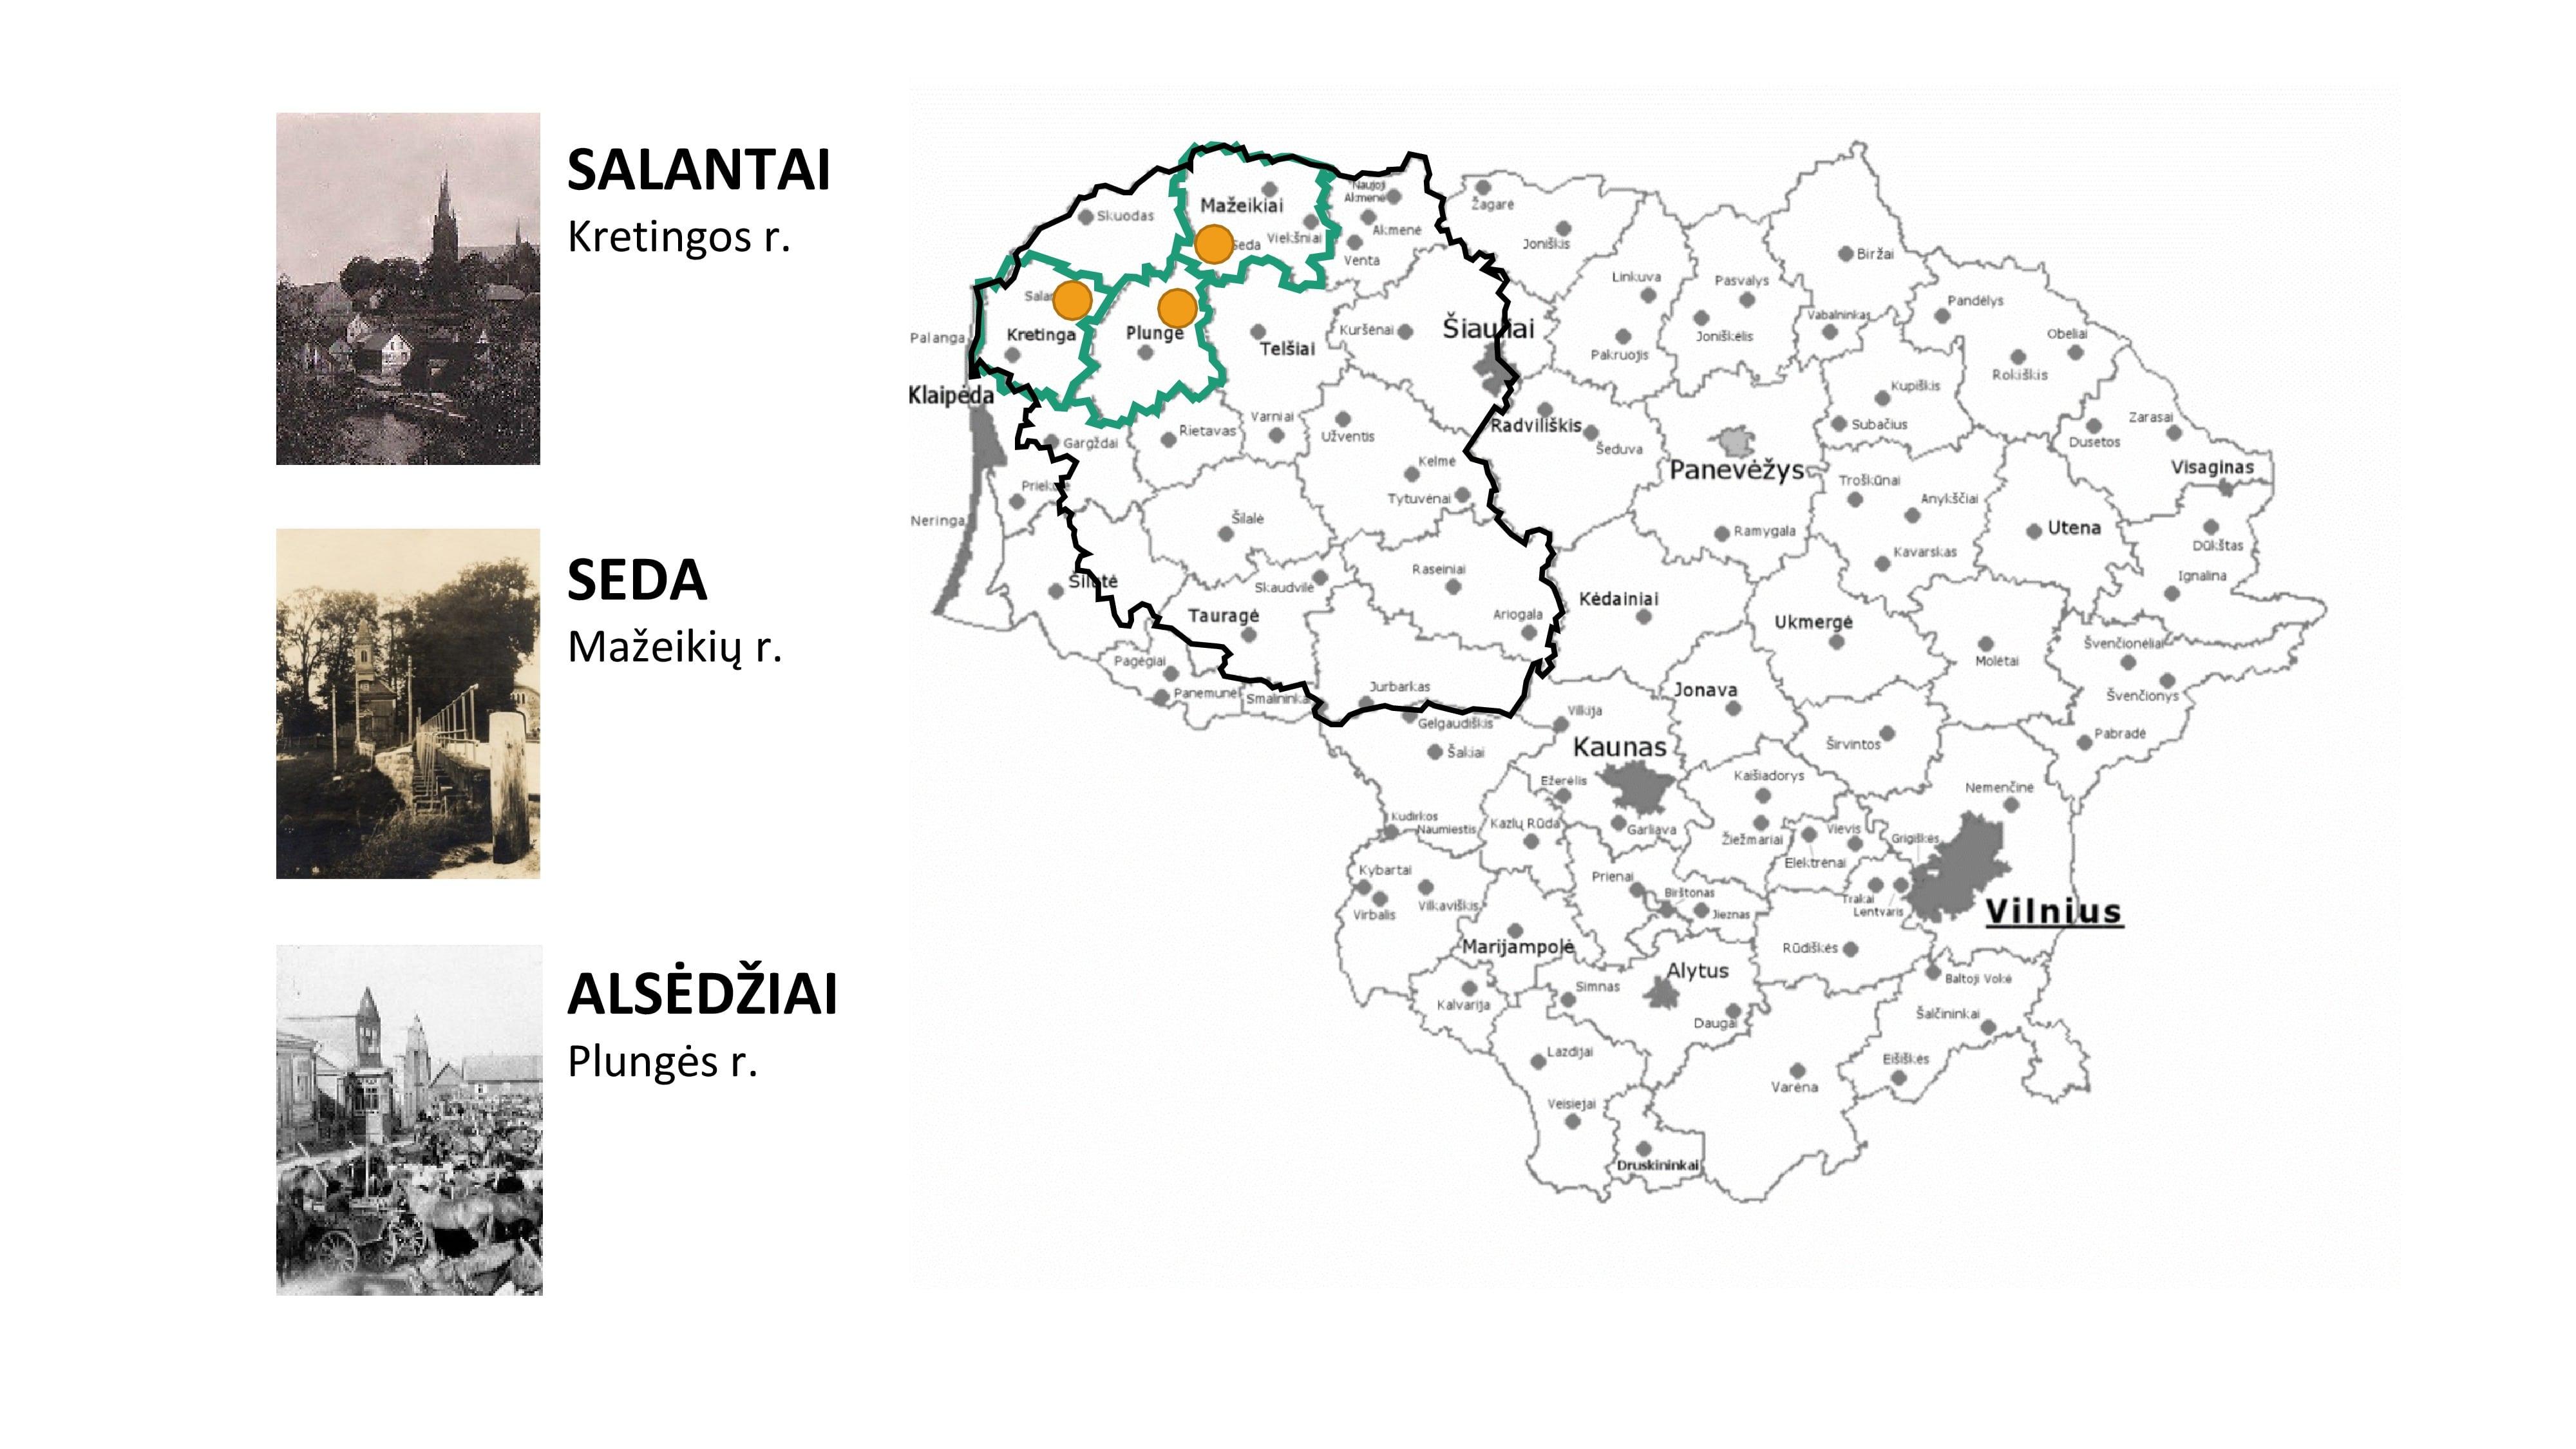 Tirtų vietovių žemėlapis: Salantai, Seda, Alsėdžiai